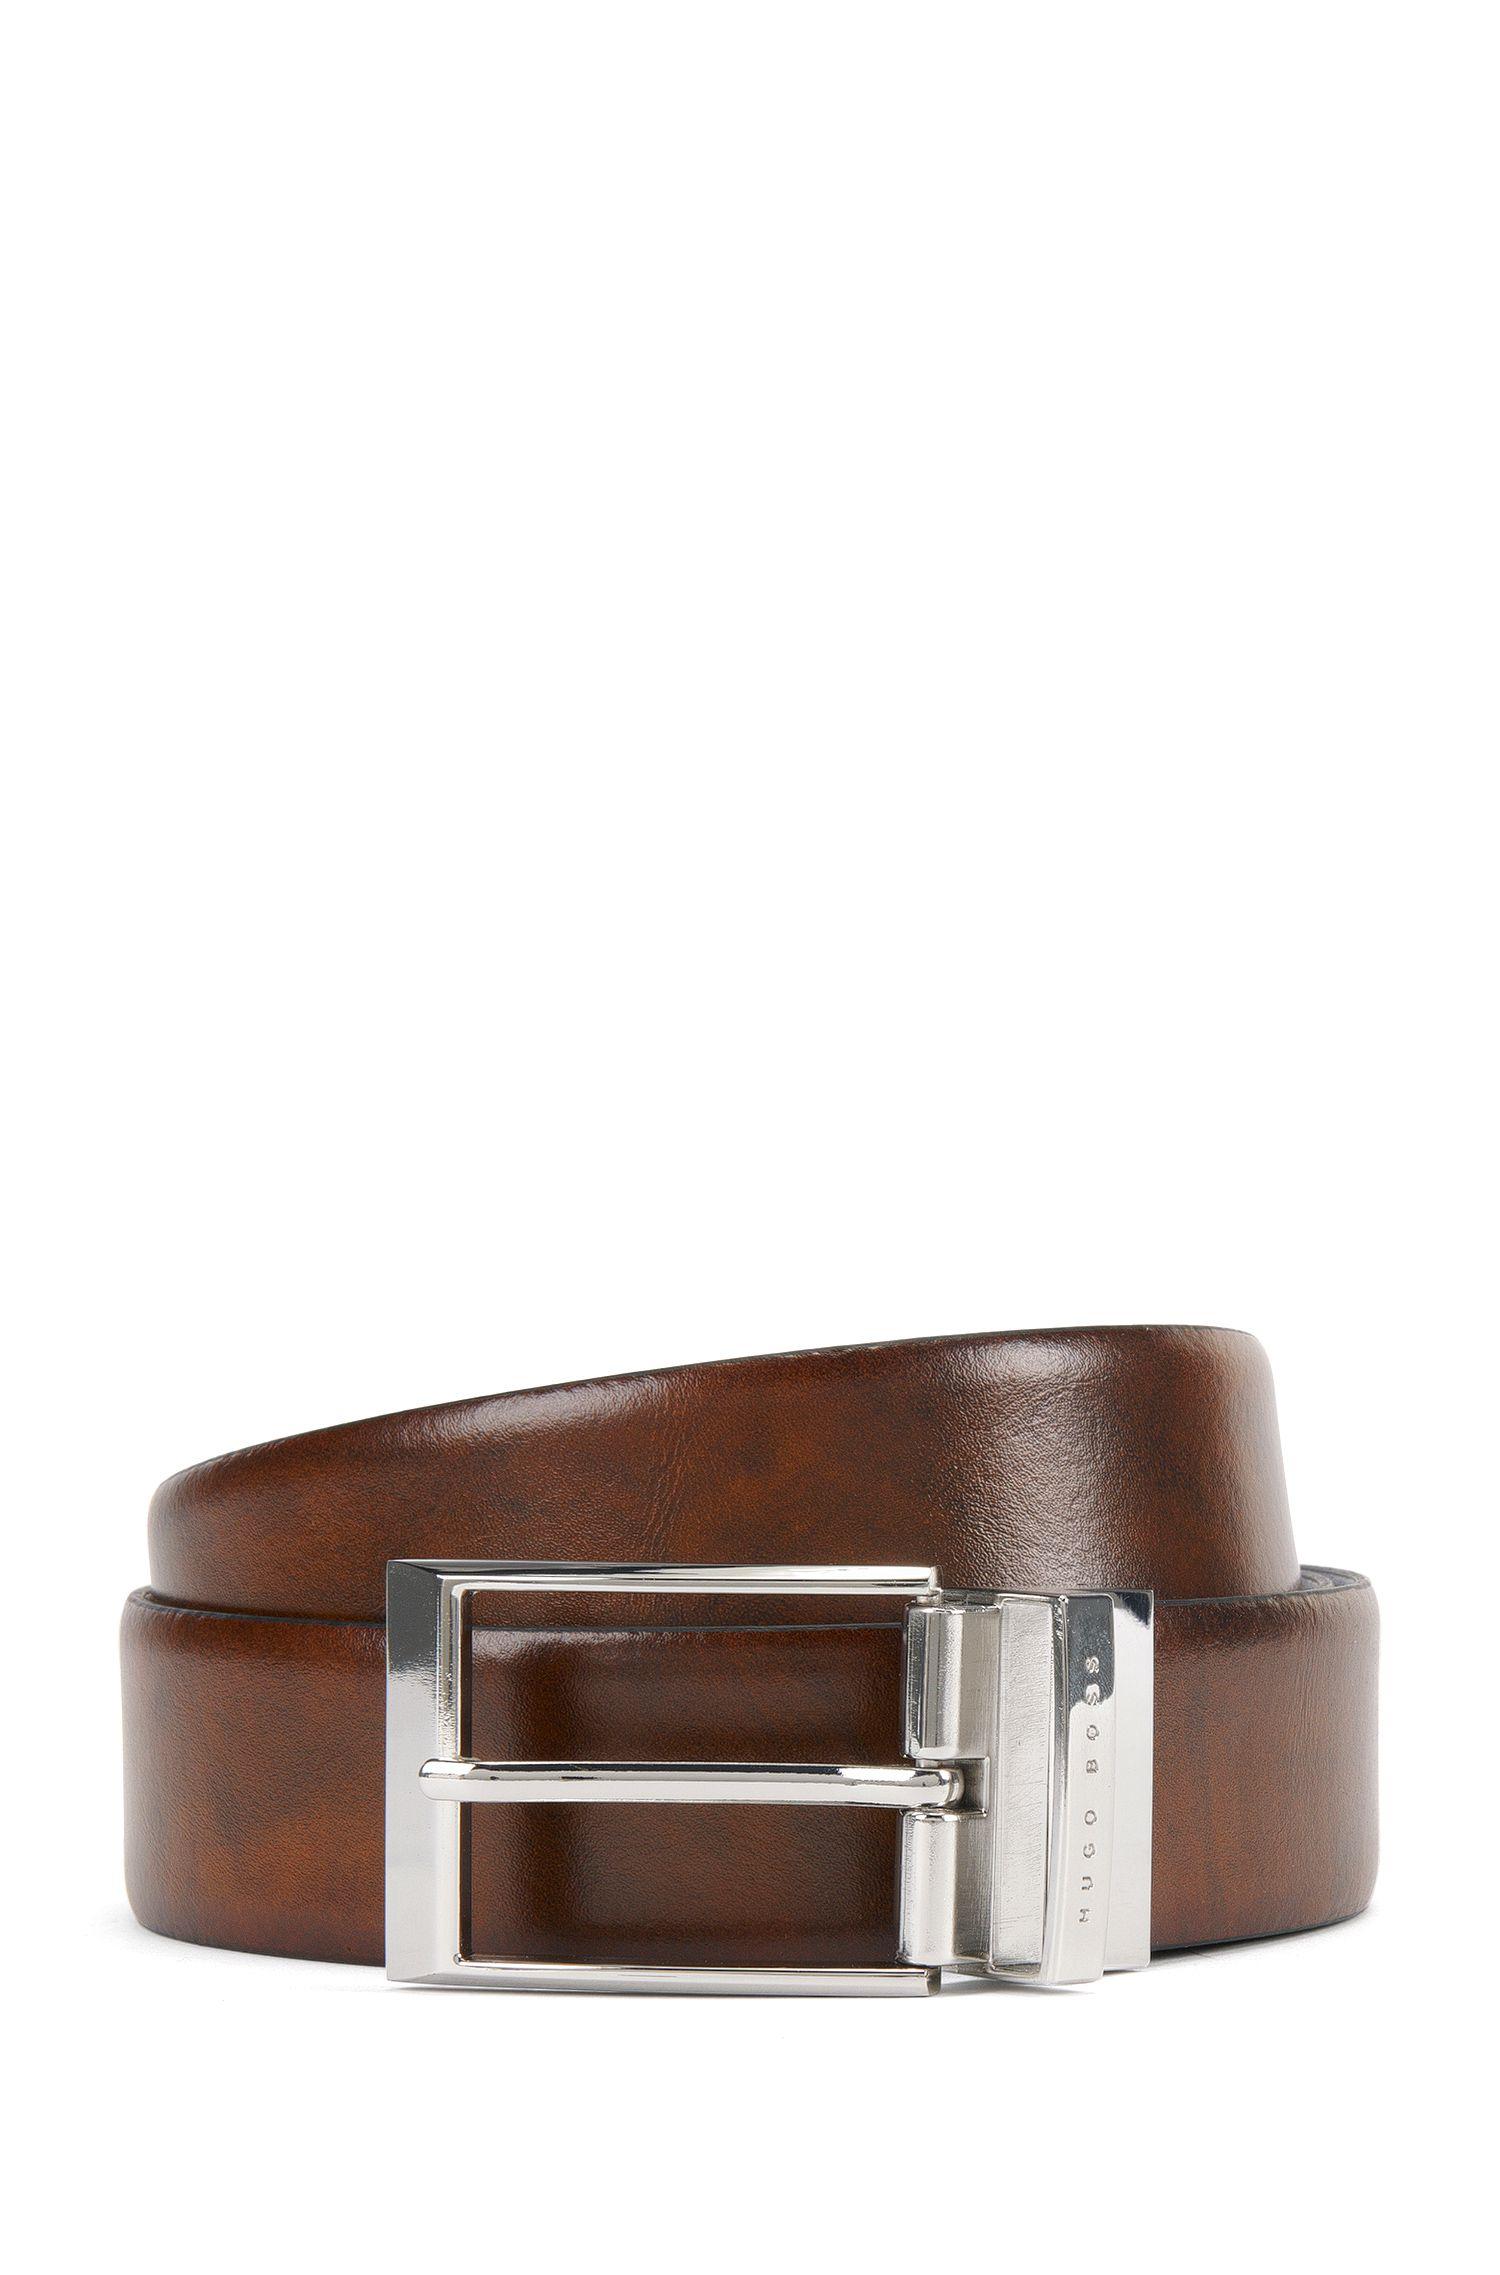 Reversible Leather Belt | Ombel Or35 Pp, Brown